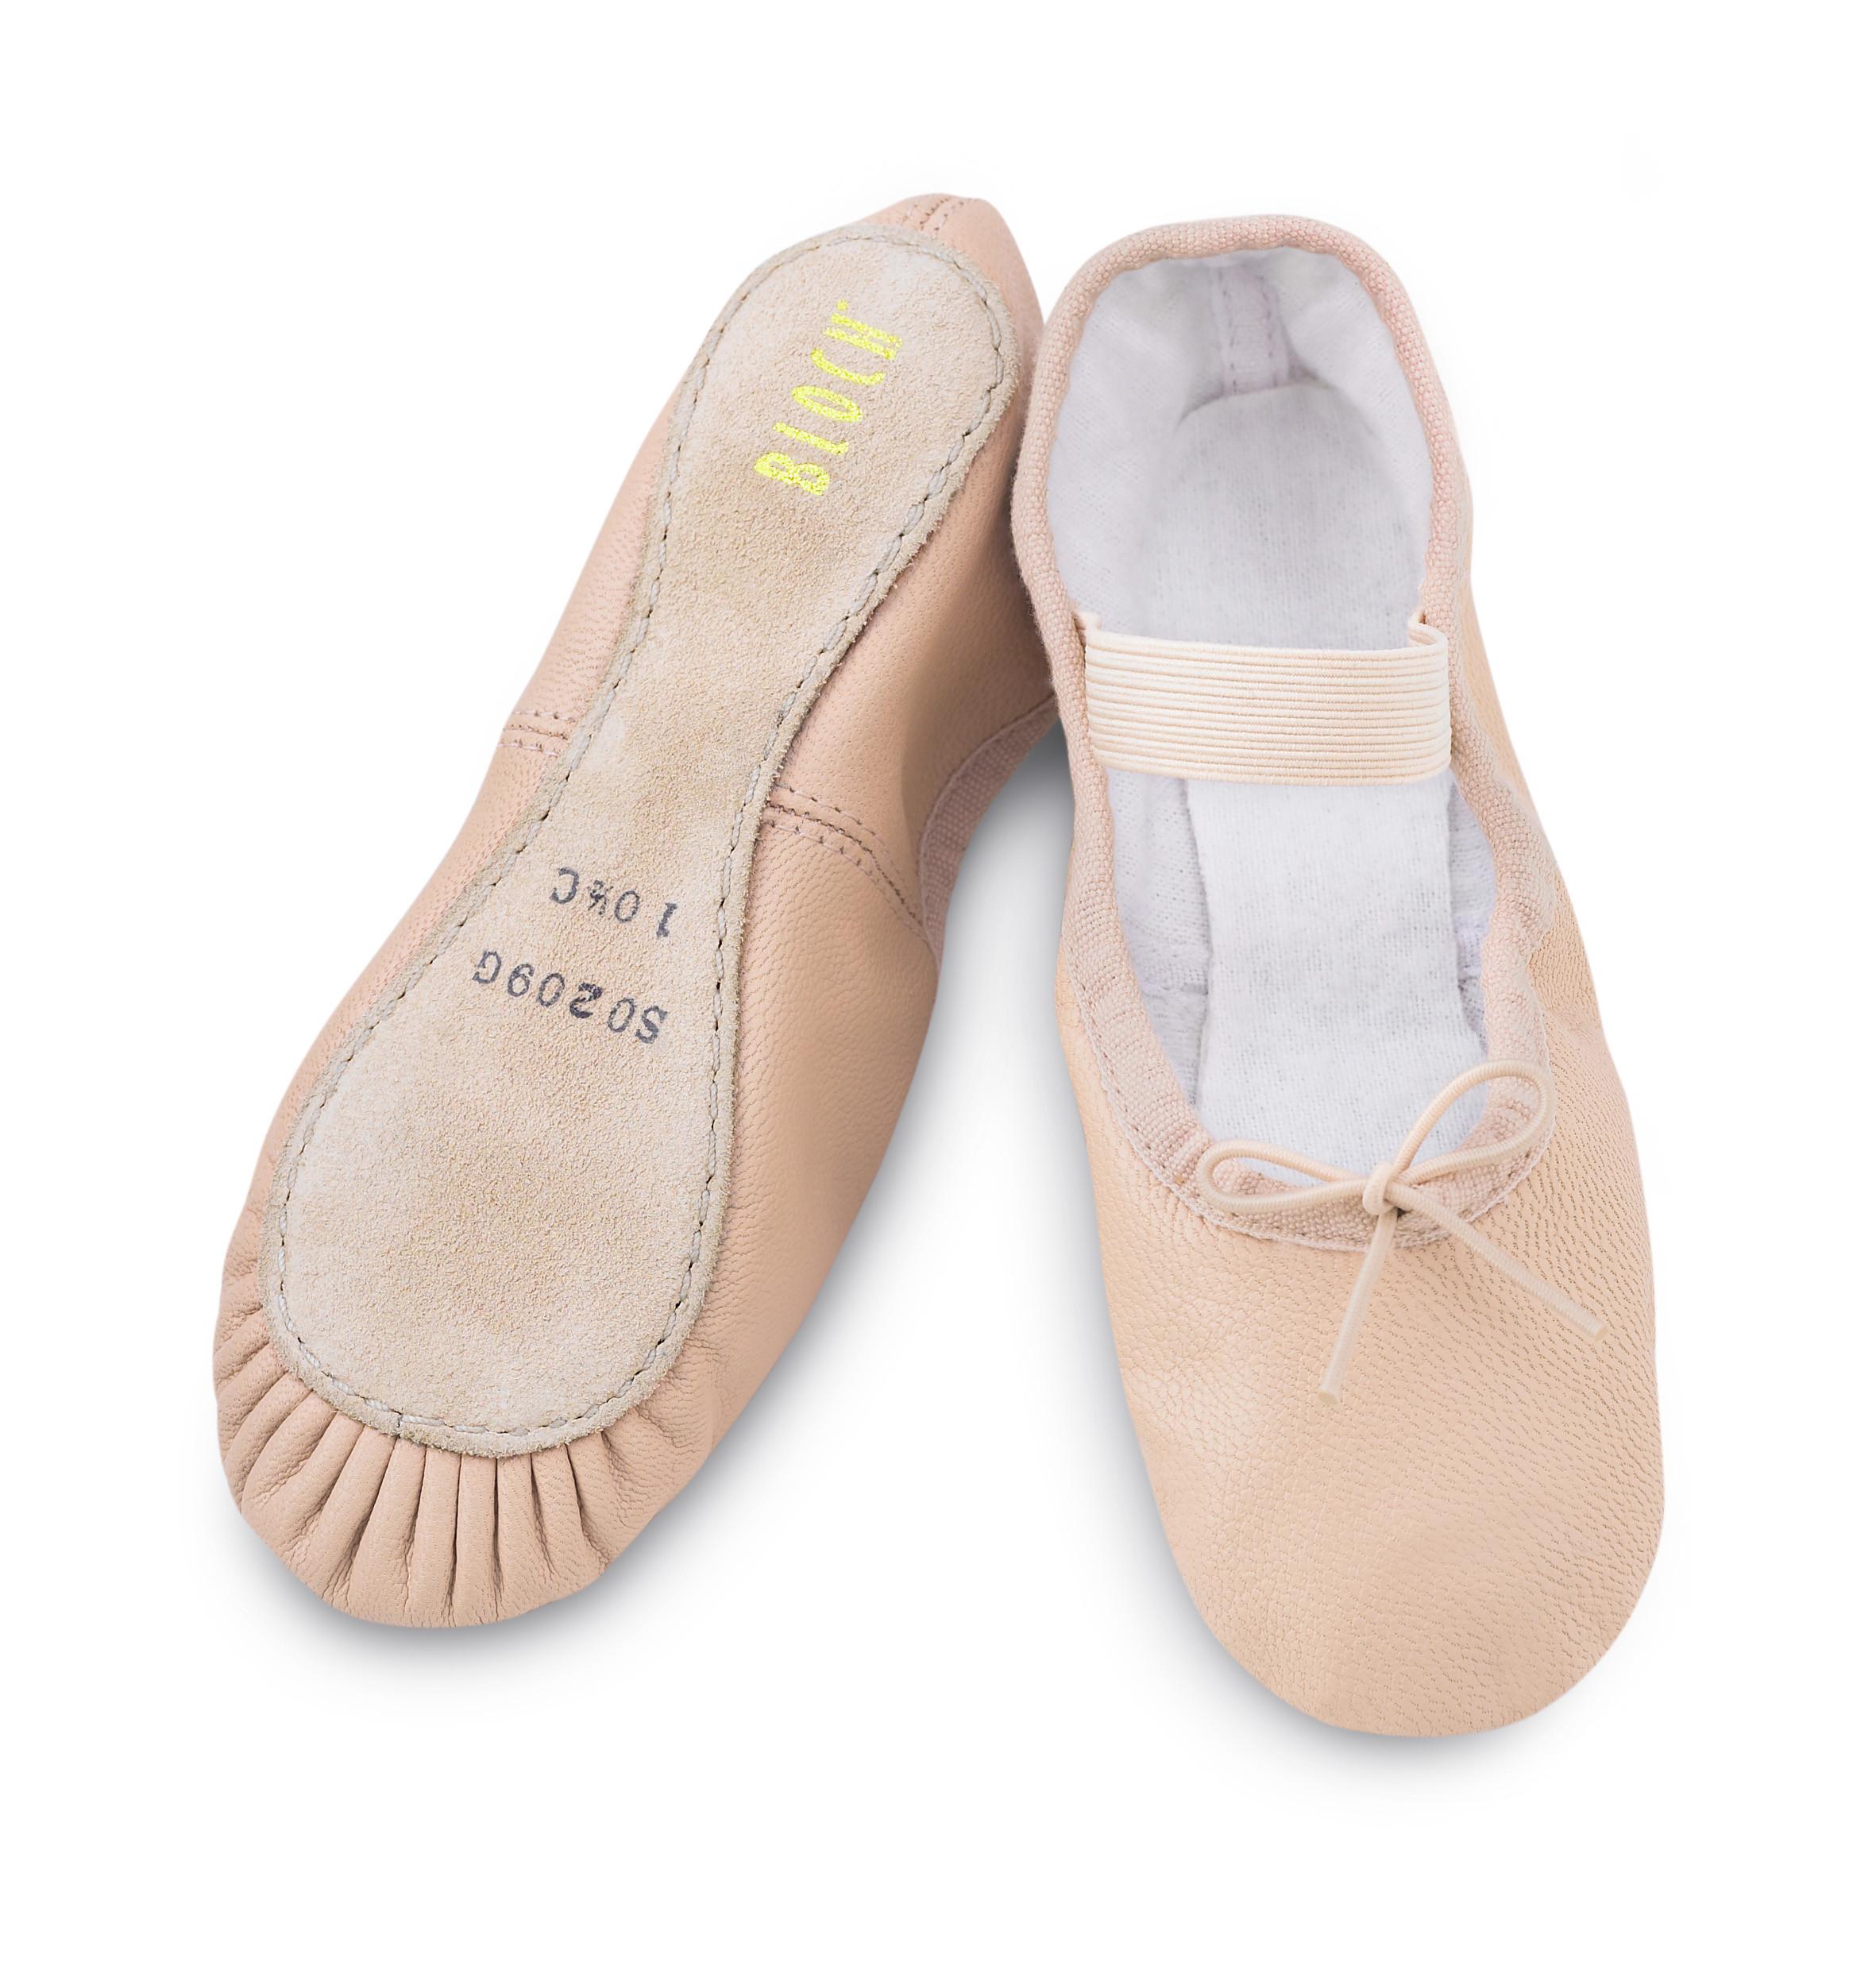 f4c39c12645e Balletsko i læder med fuld sål (Kun på webshop)